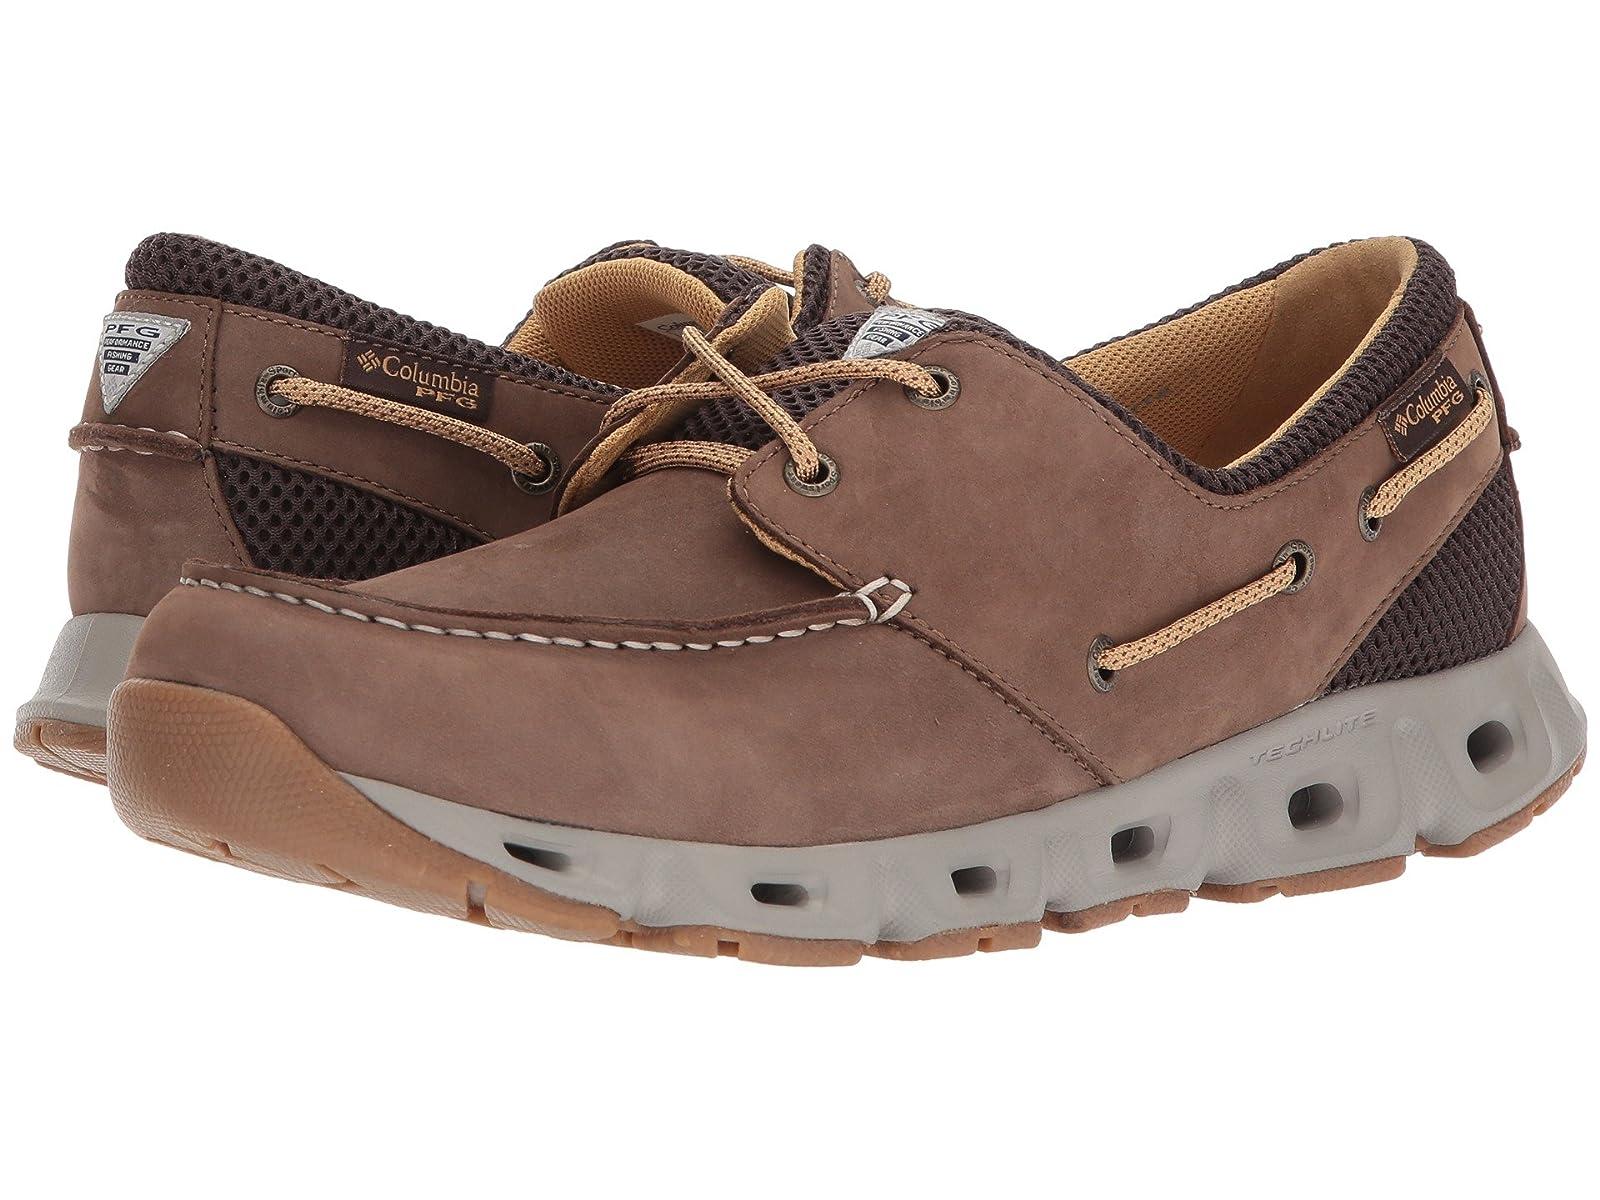 Columbia Boatdrainer III PFGSelling fashionable and eye-catching shoes